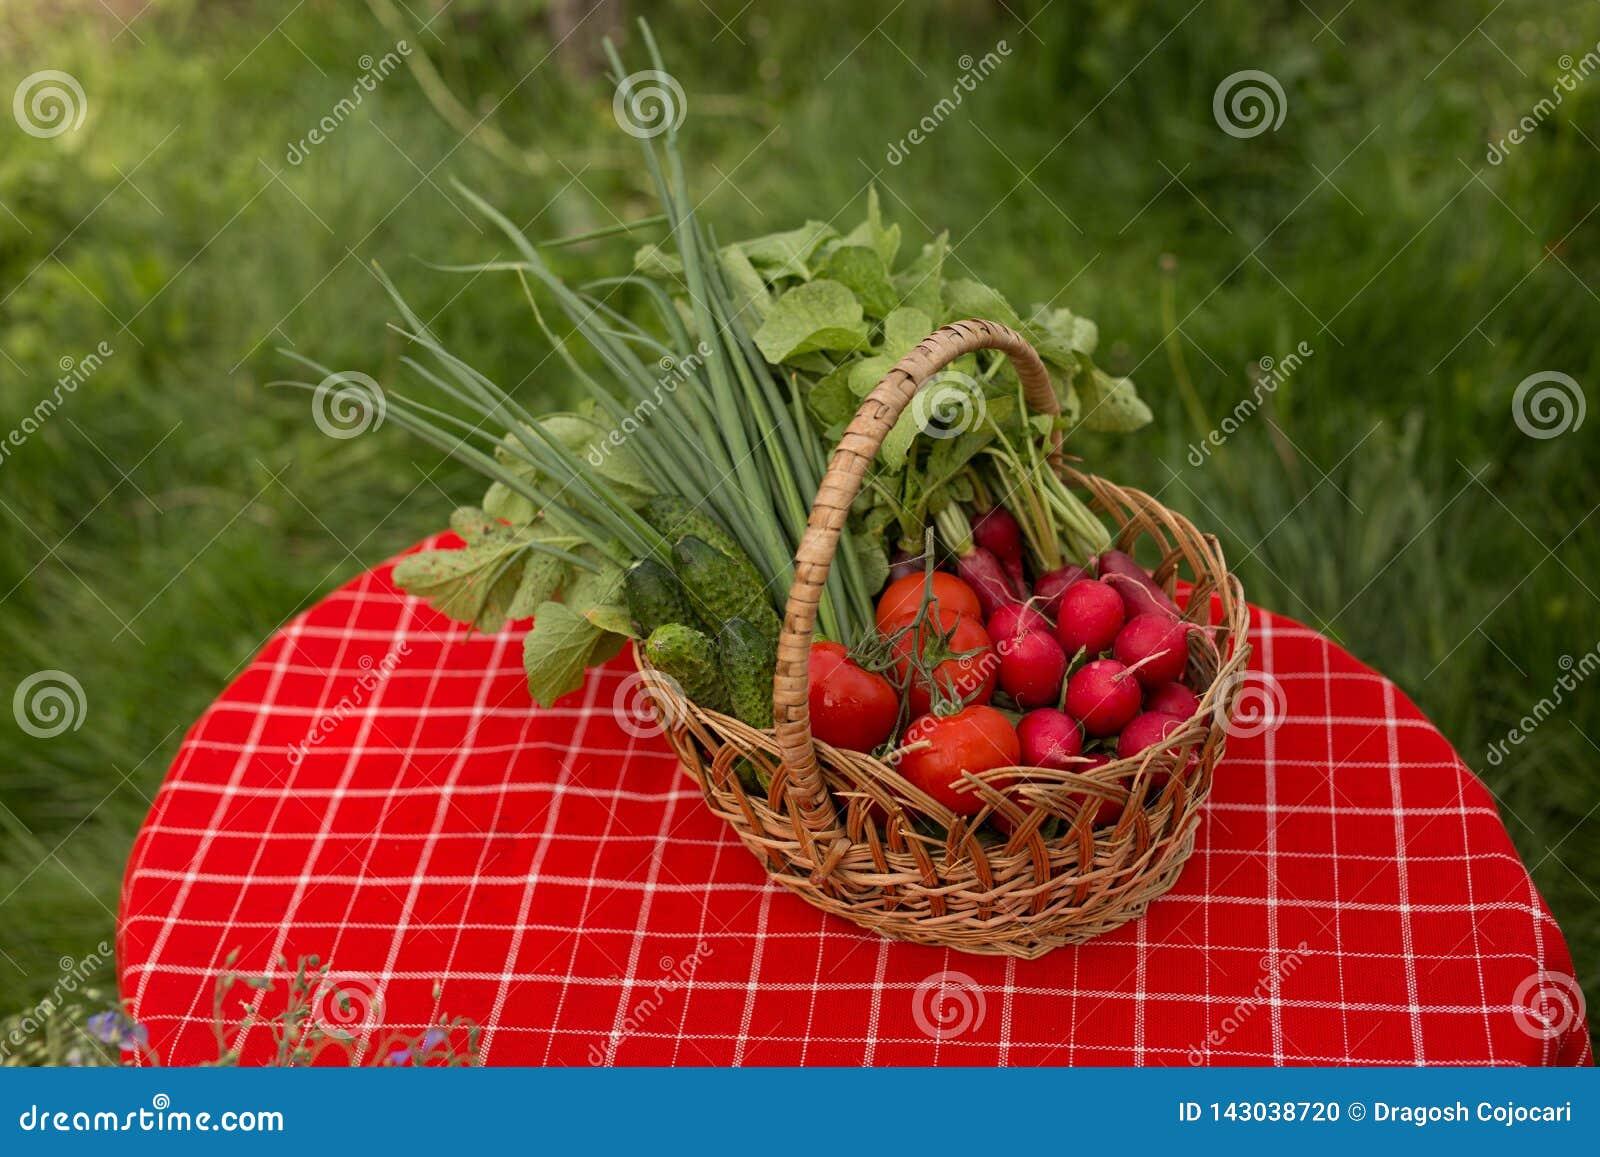 Grönsaker från trädgård Ny Bio grönsak i en korg Över naturbakgrund